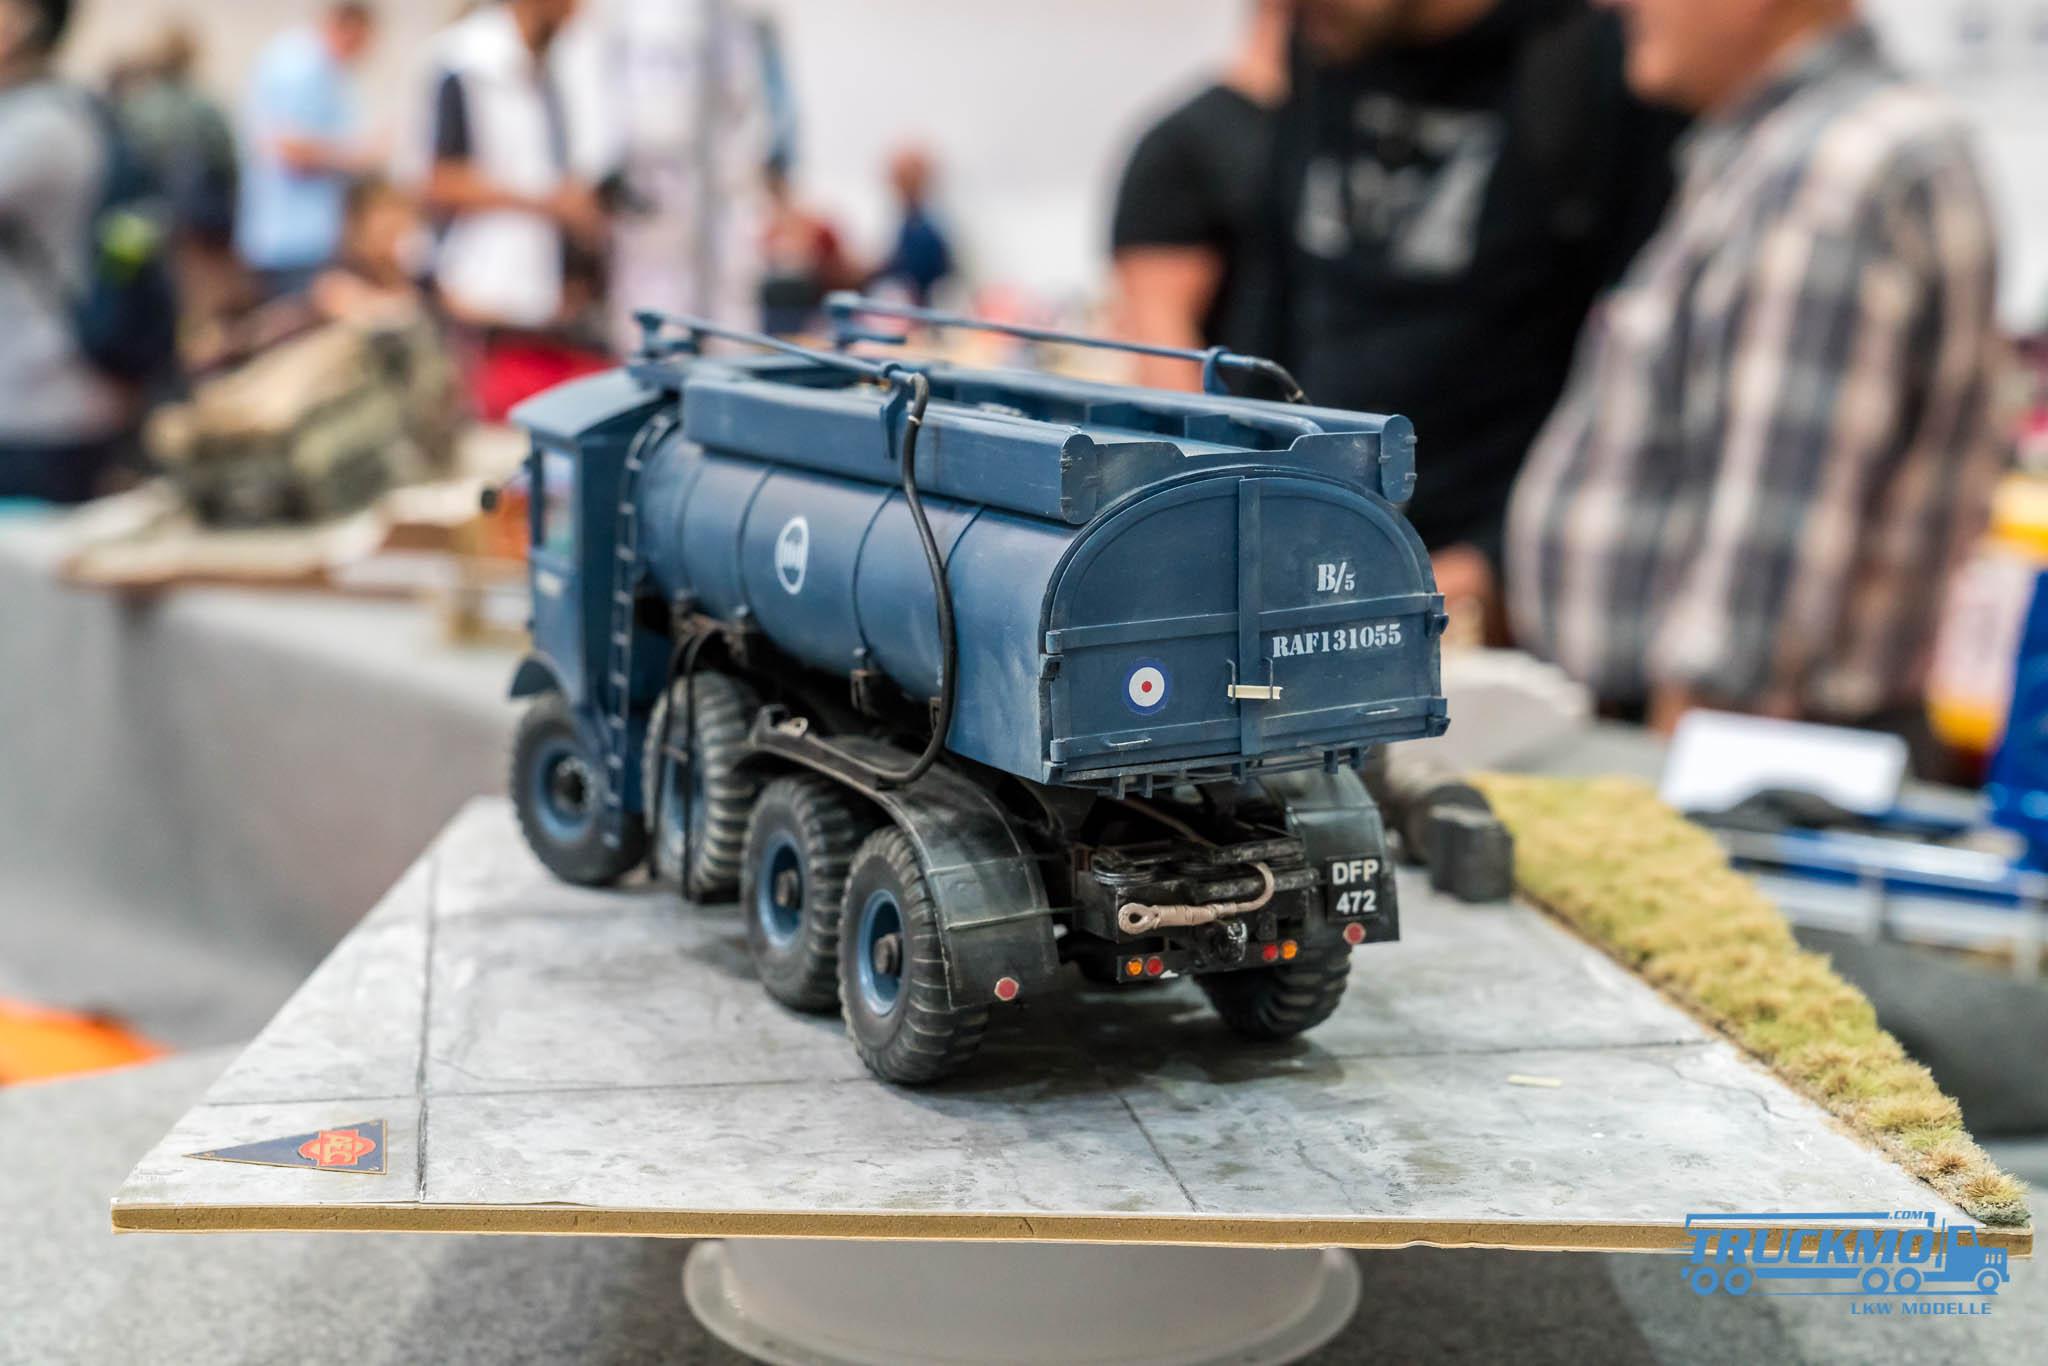 Truckmo_Modellbau_Ried_2017_Herpa_Messe_Modellbauausstellung (436 von 1177)